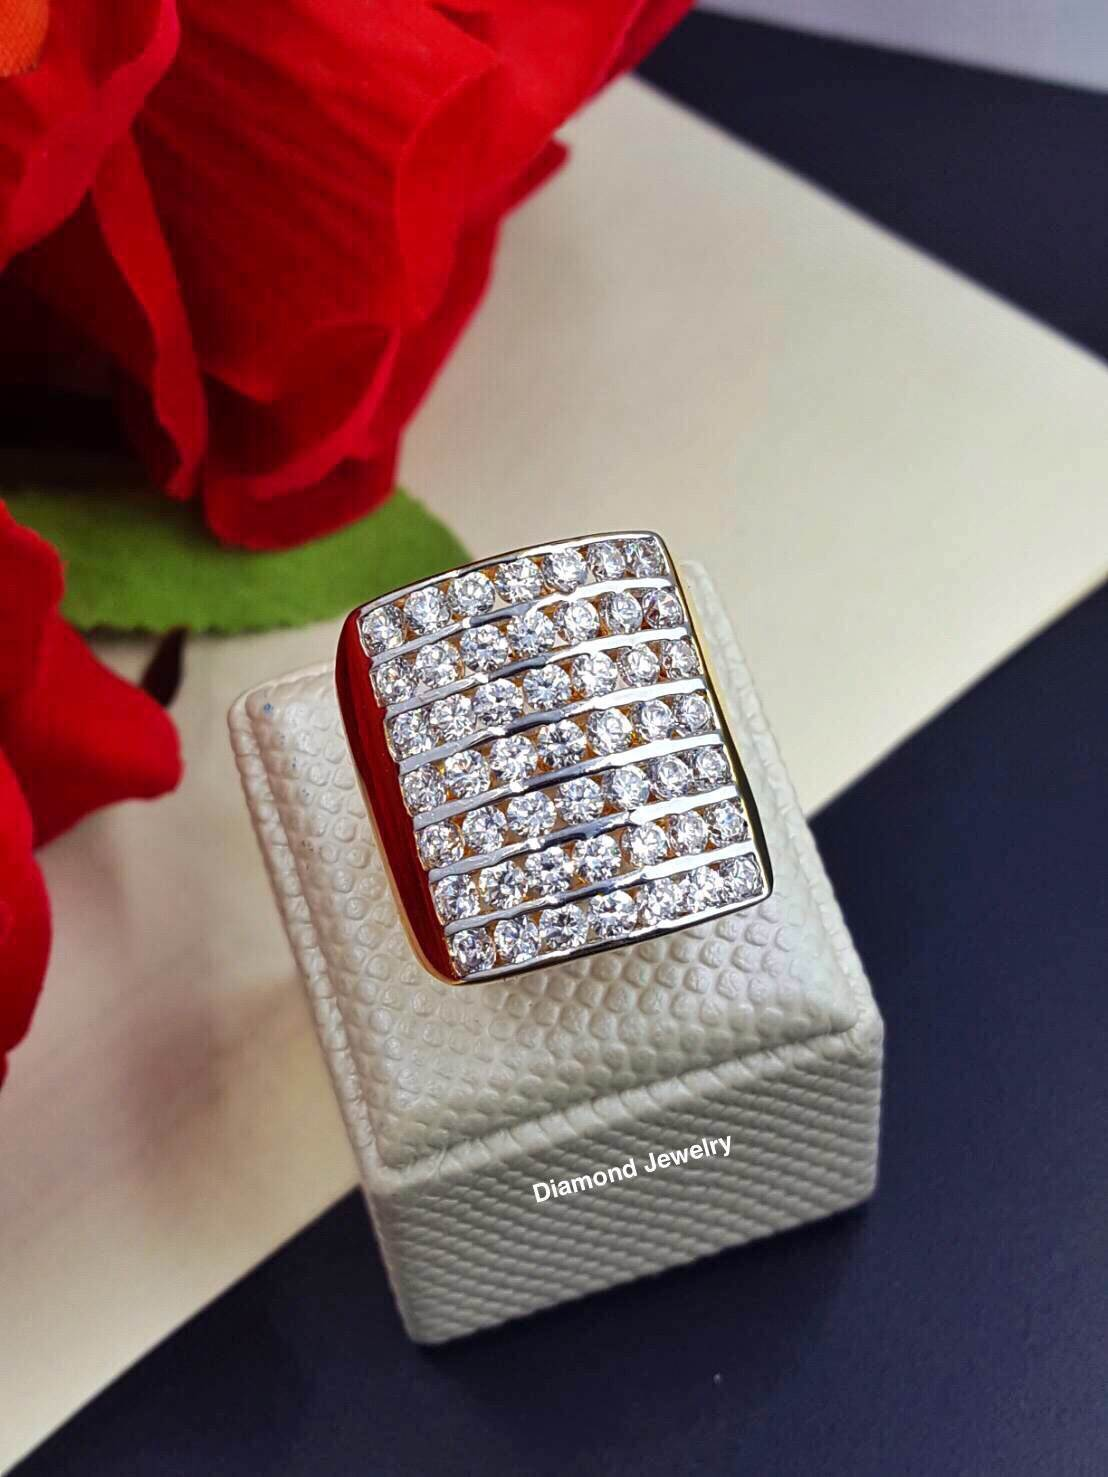 พร้อมส่ง Diamond Ring งานเพชรสวิส เพชร 7 แถว